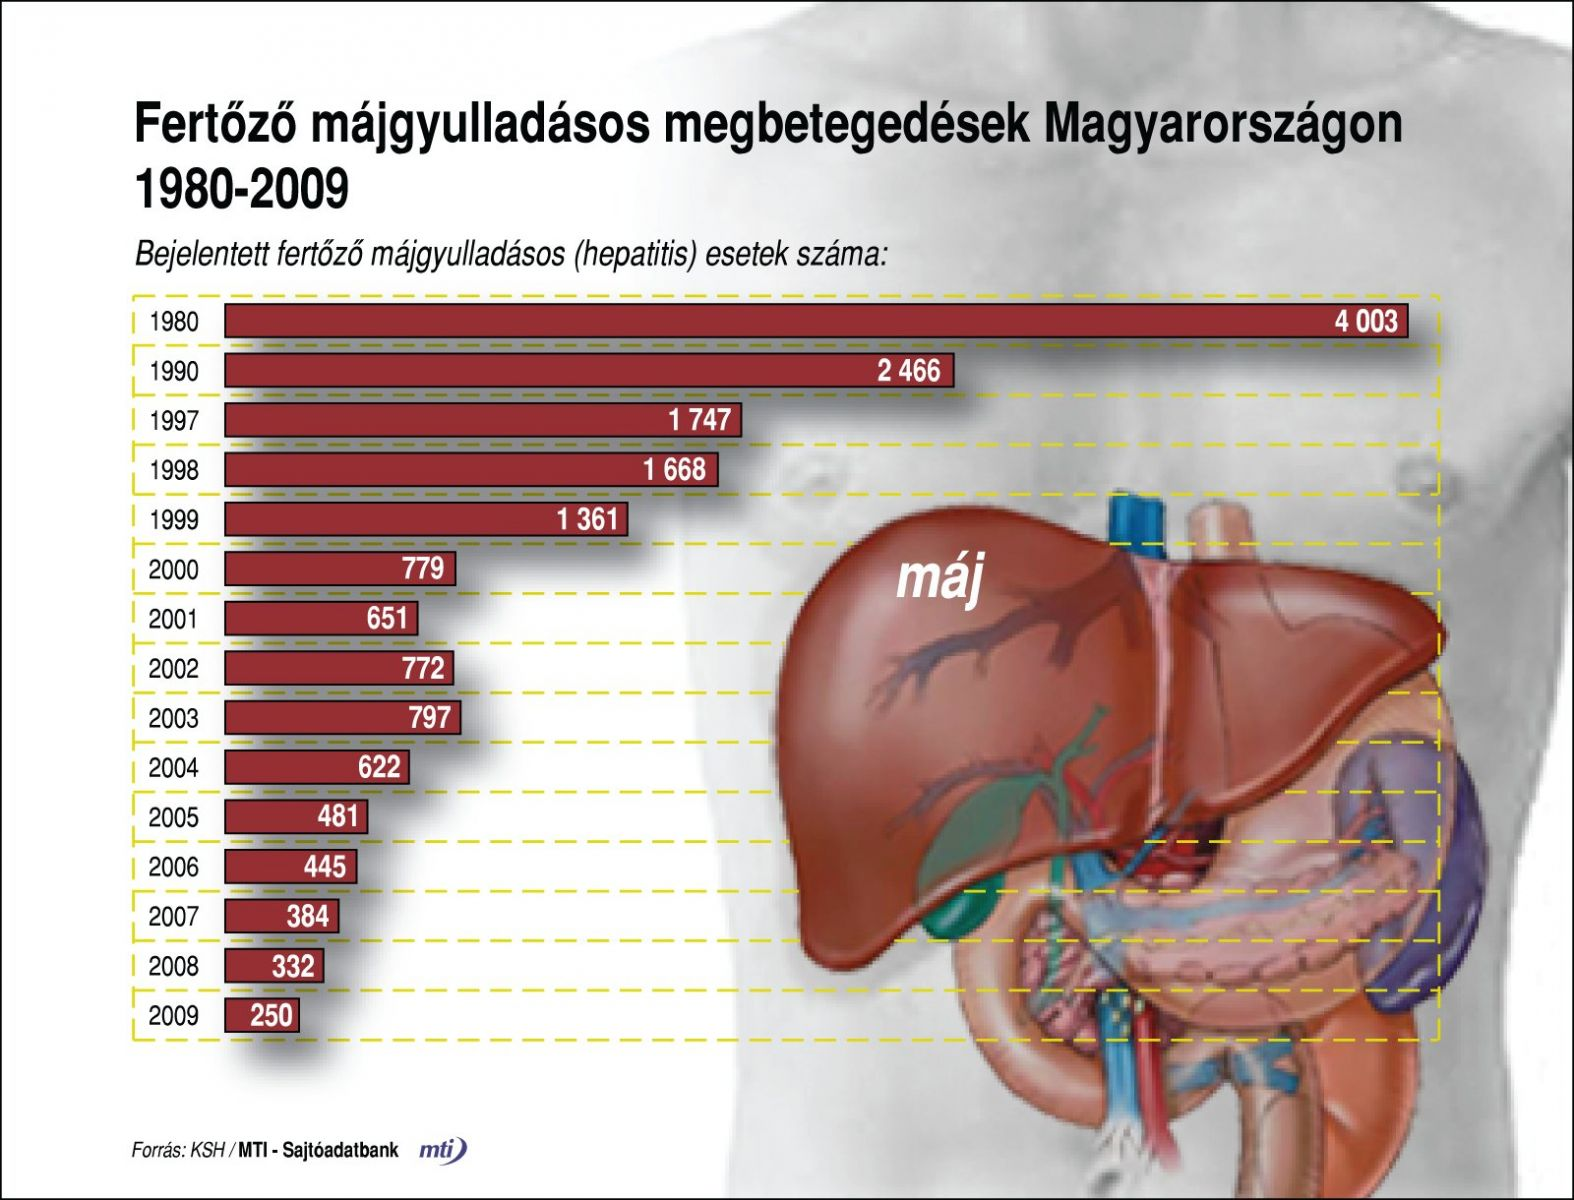 Mit kell tudnod a hepatitiszekről? - erbenagrar.hu